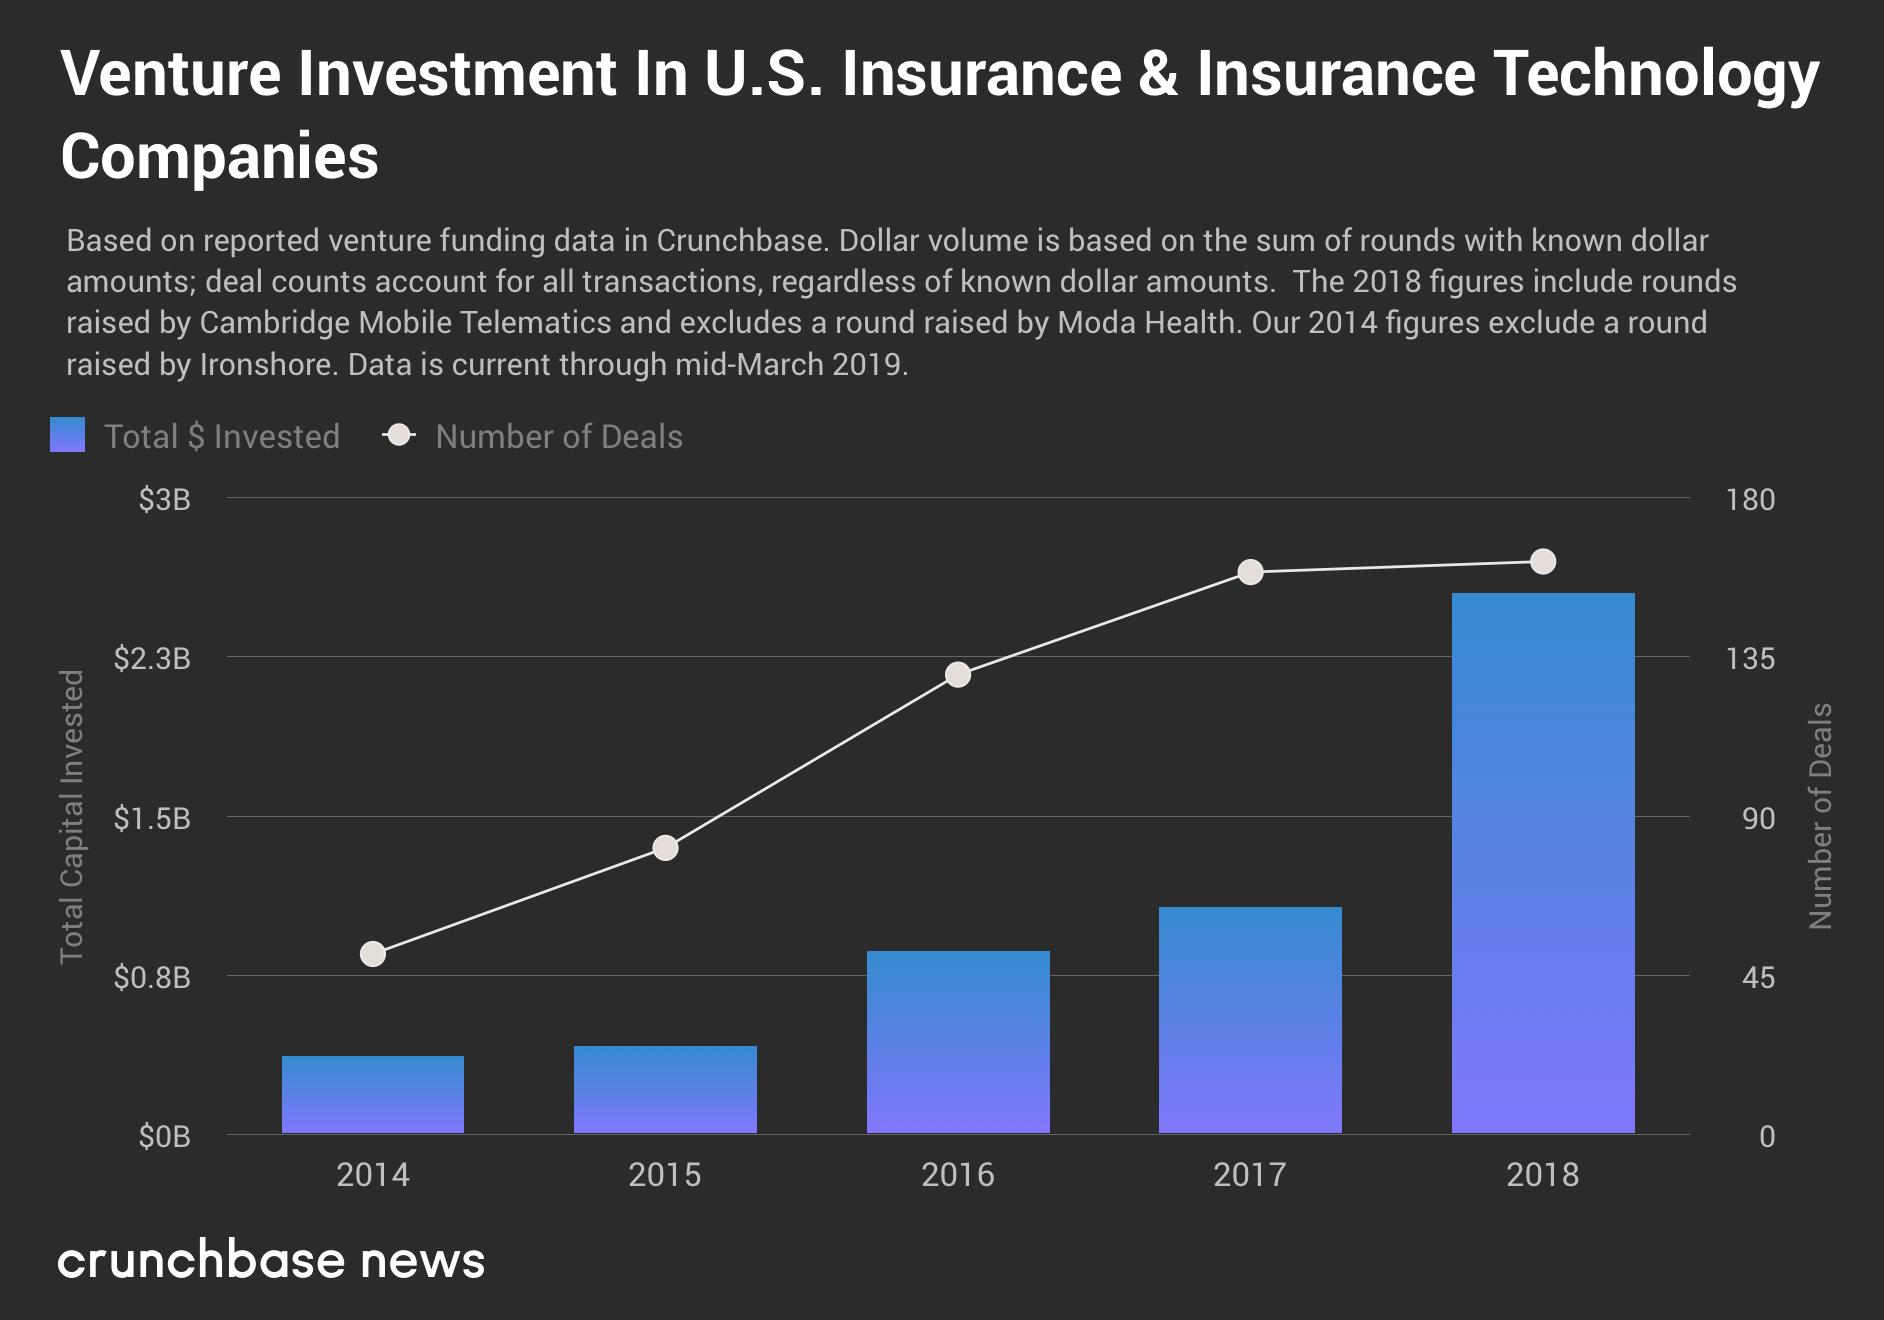 Un montant record de 2,5 milliards de dollars a été octroyé aux entreprises en phase de démarrage du secteur de l'assurance aux États-Unis l'an dernier, et les gros assureurs sont dans le coup joanna one